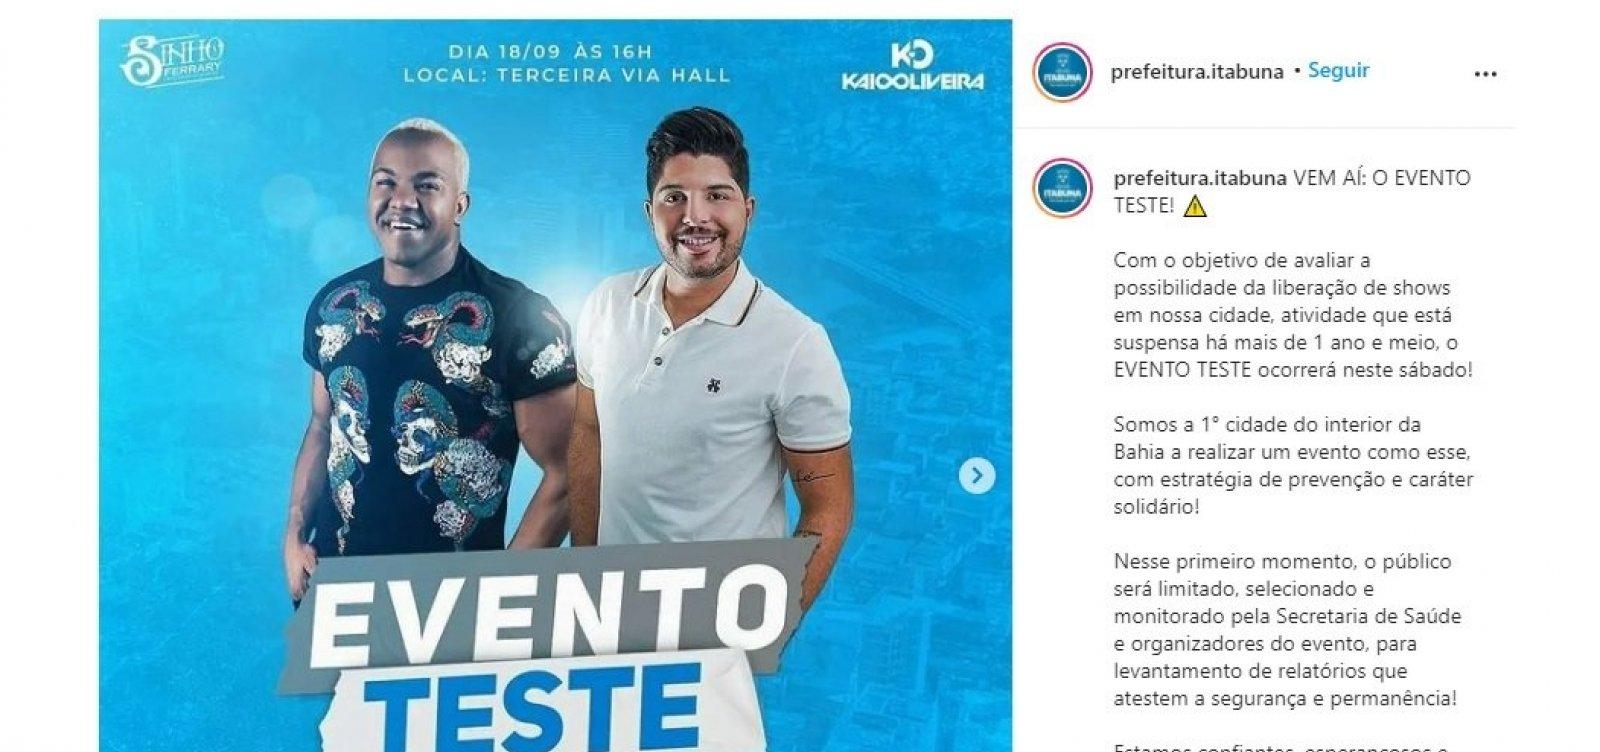 Mesmo com fiasco em Salvador, prefeitura de Itabuna anuncia realização de evento-teste